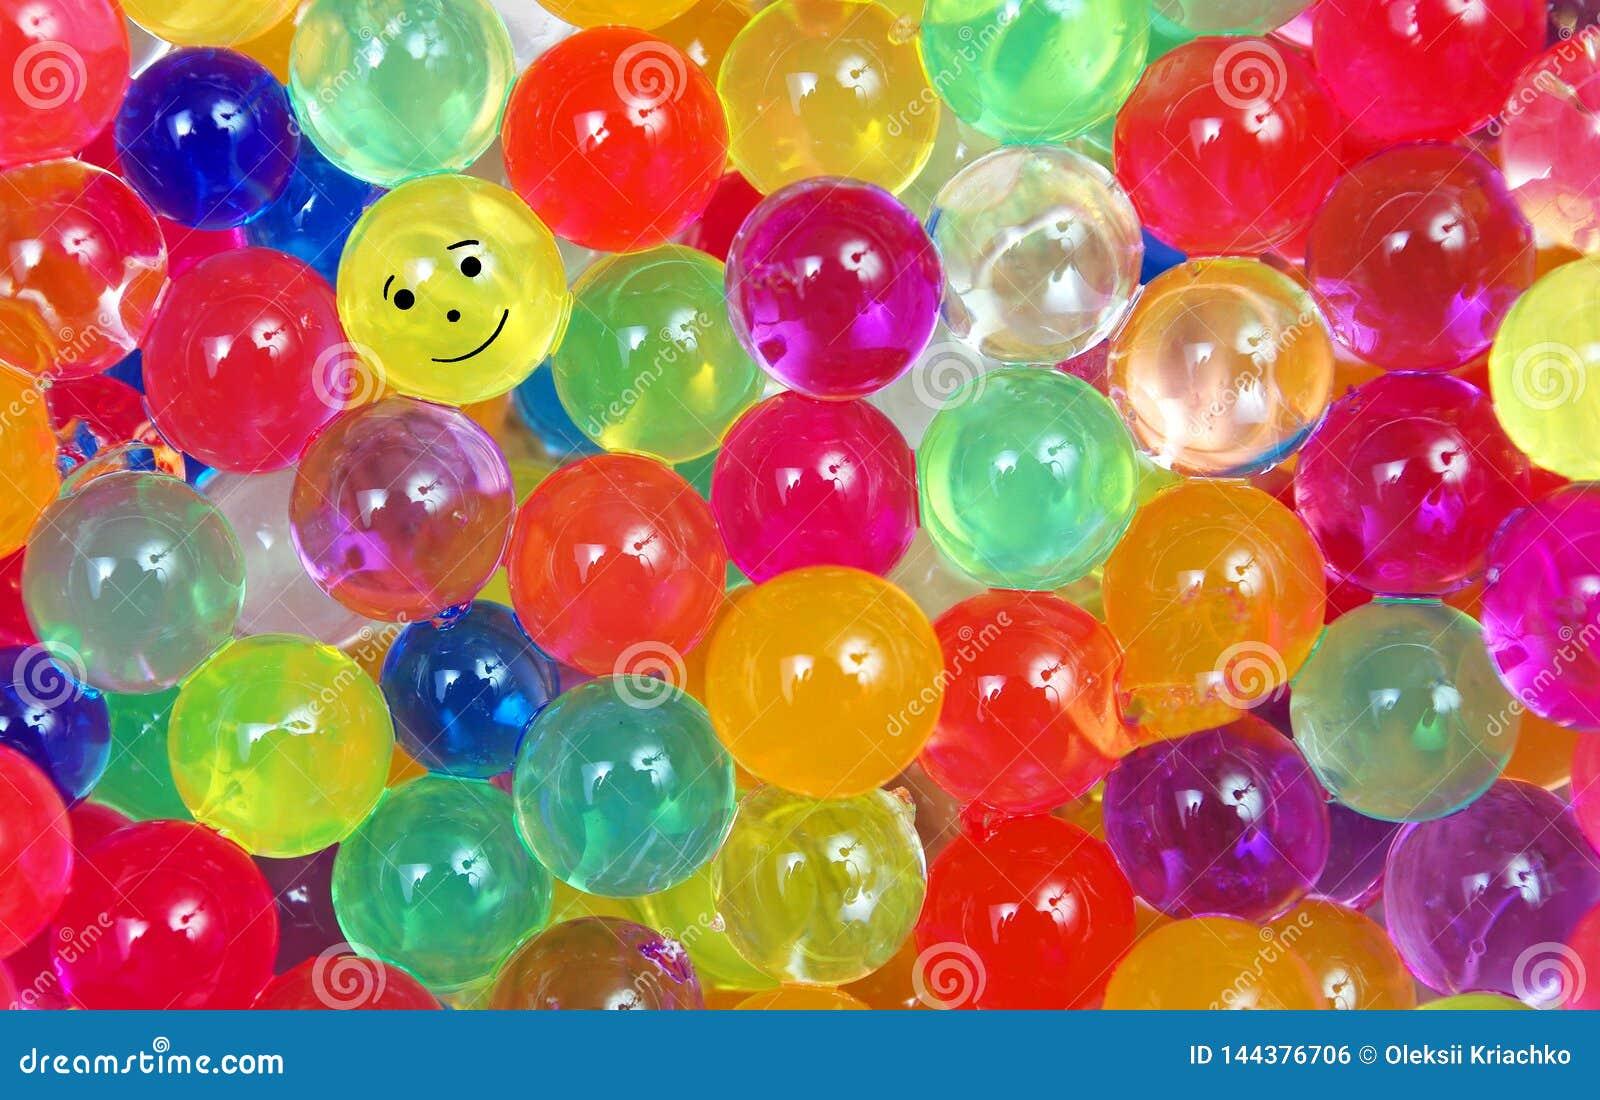 Цветы радуги Пестротканая предпосылка текстуры шариков гидрогеля Небольшие красочные шарики Концепция цвета